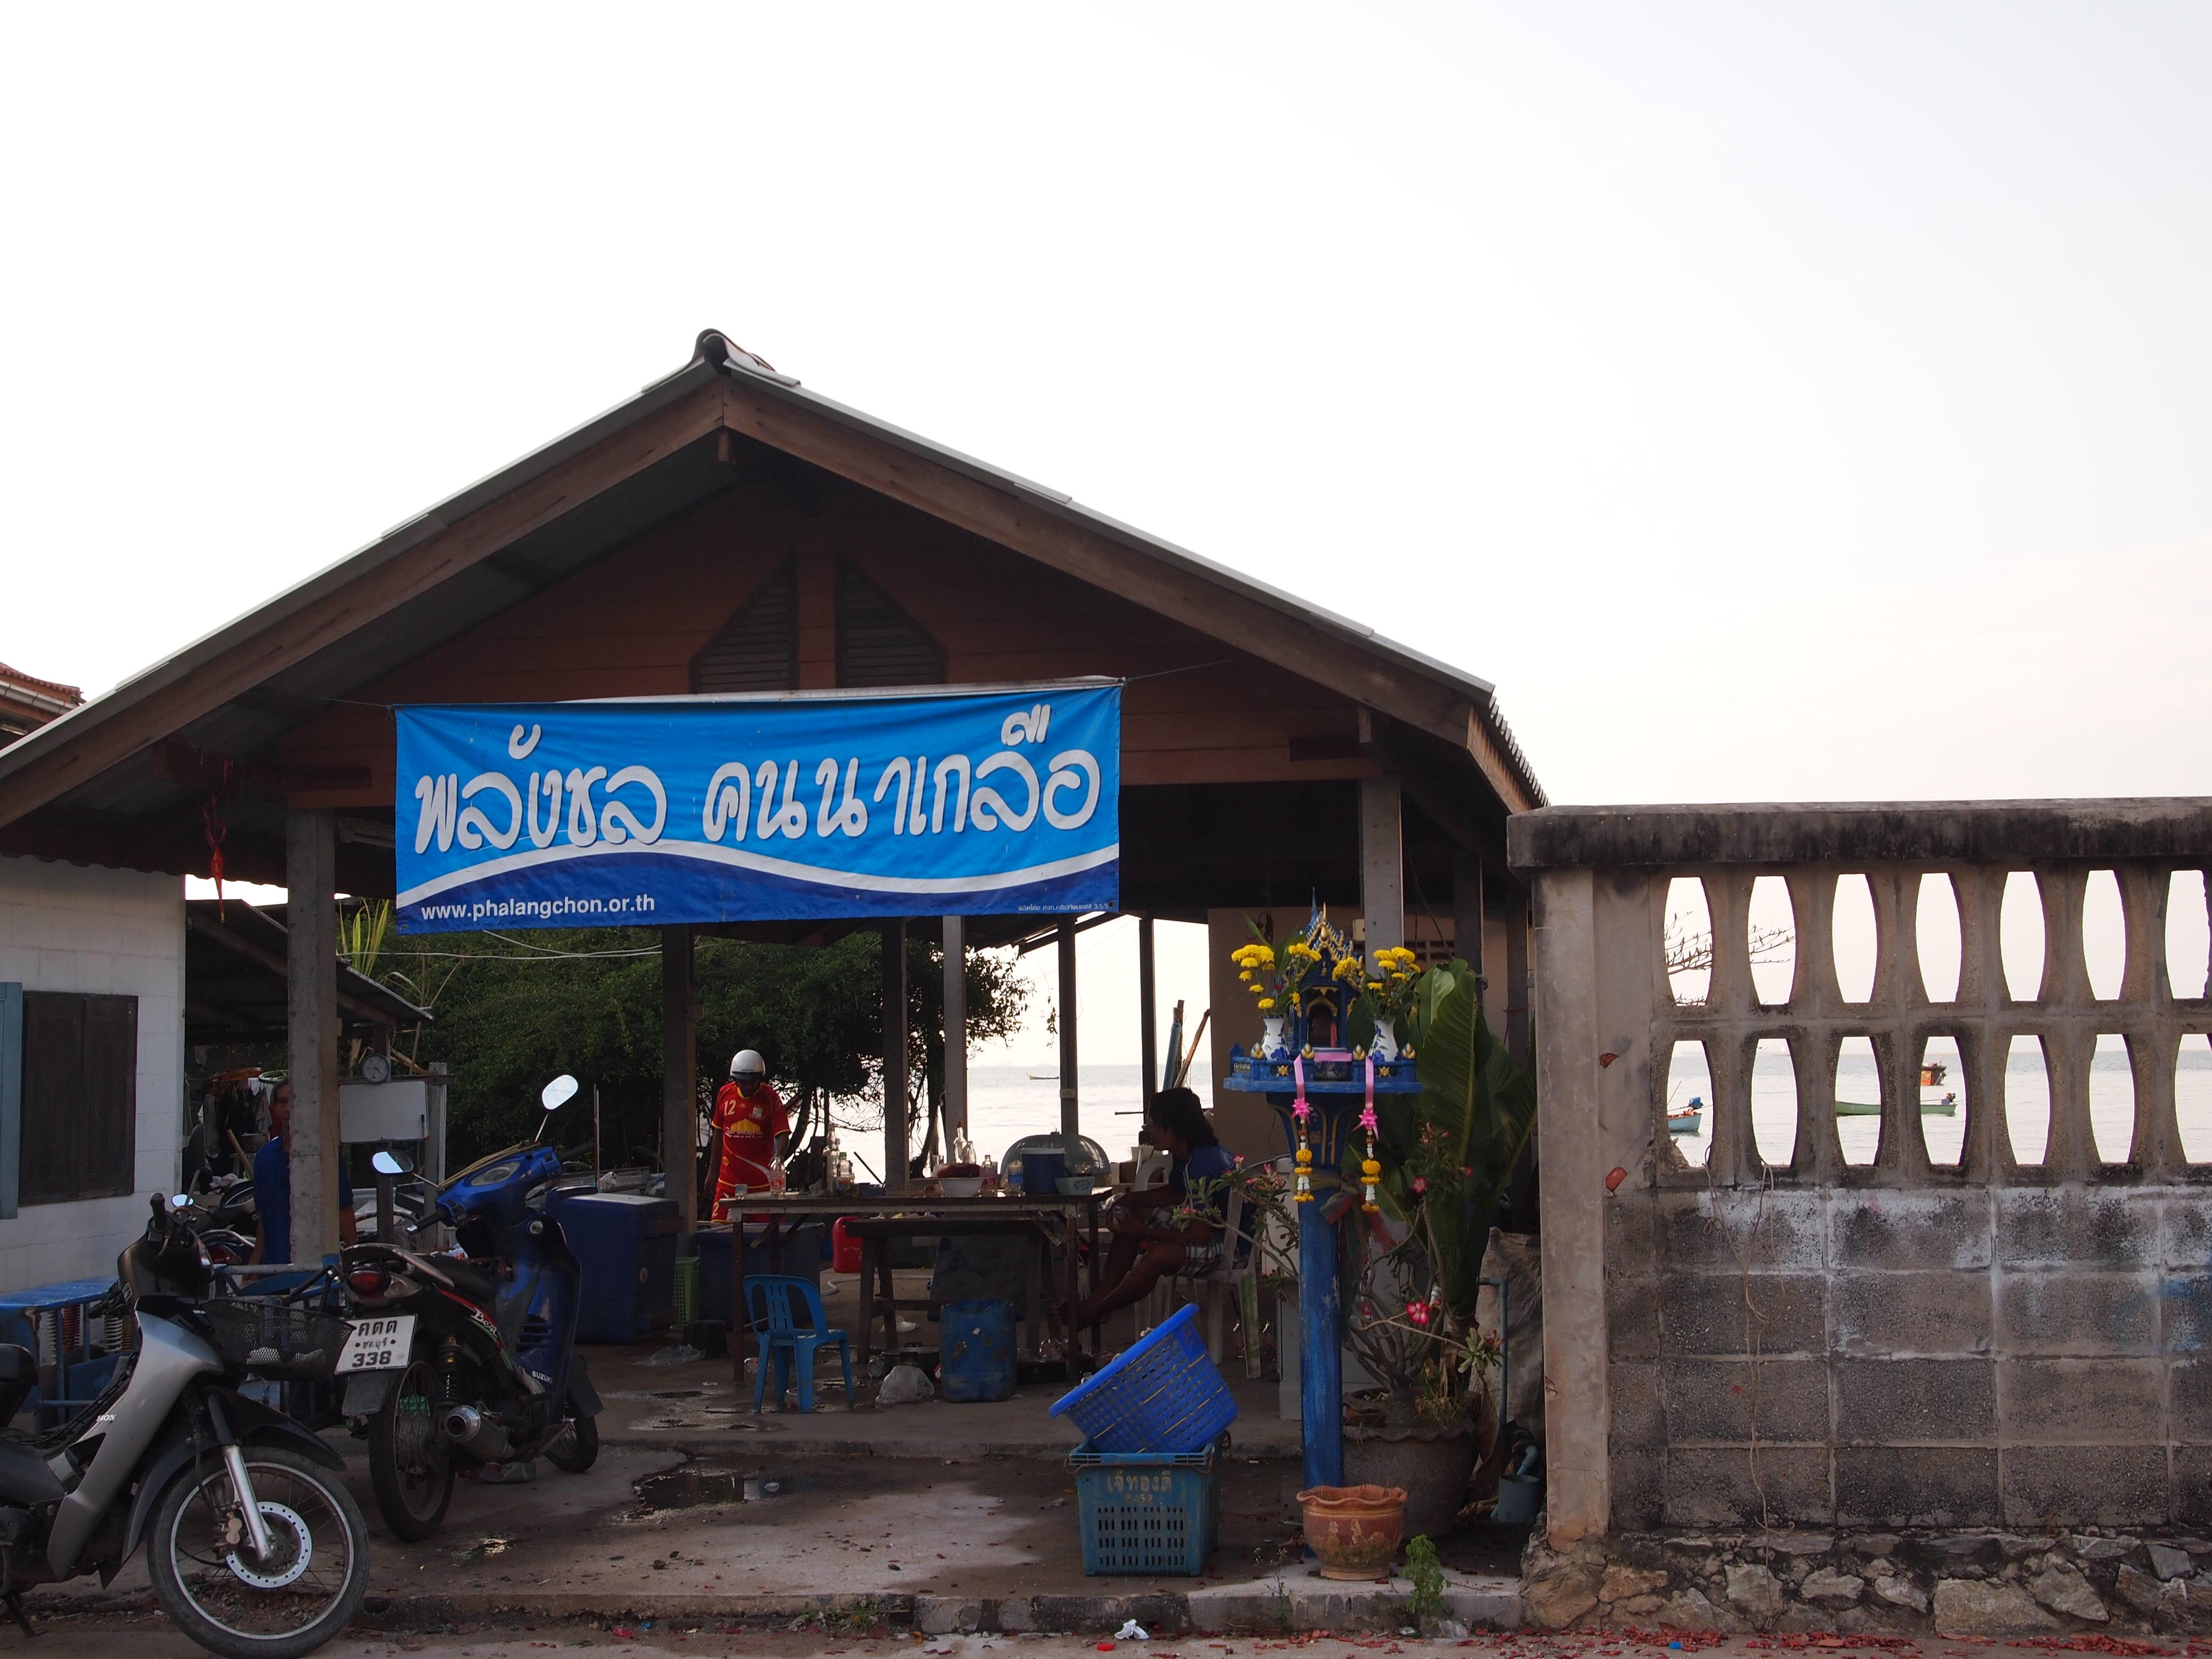 Mum-Aroi - things to do in Pattaya